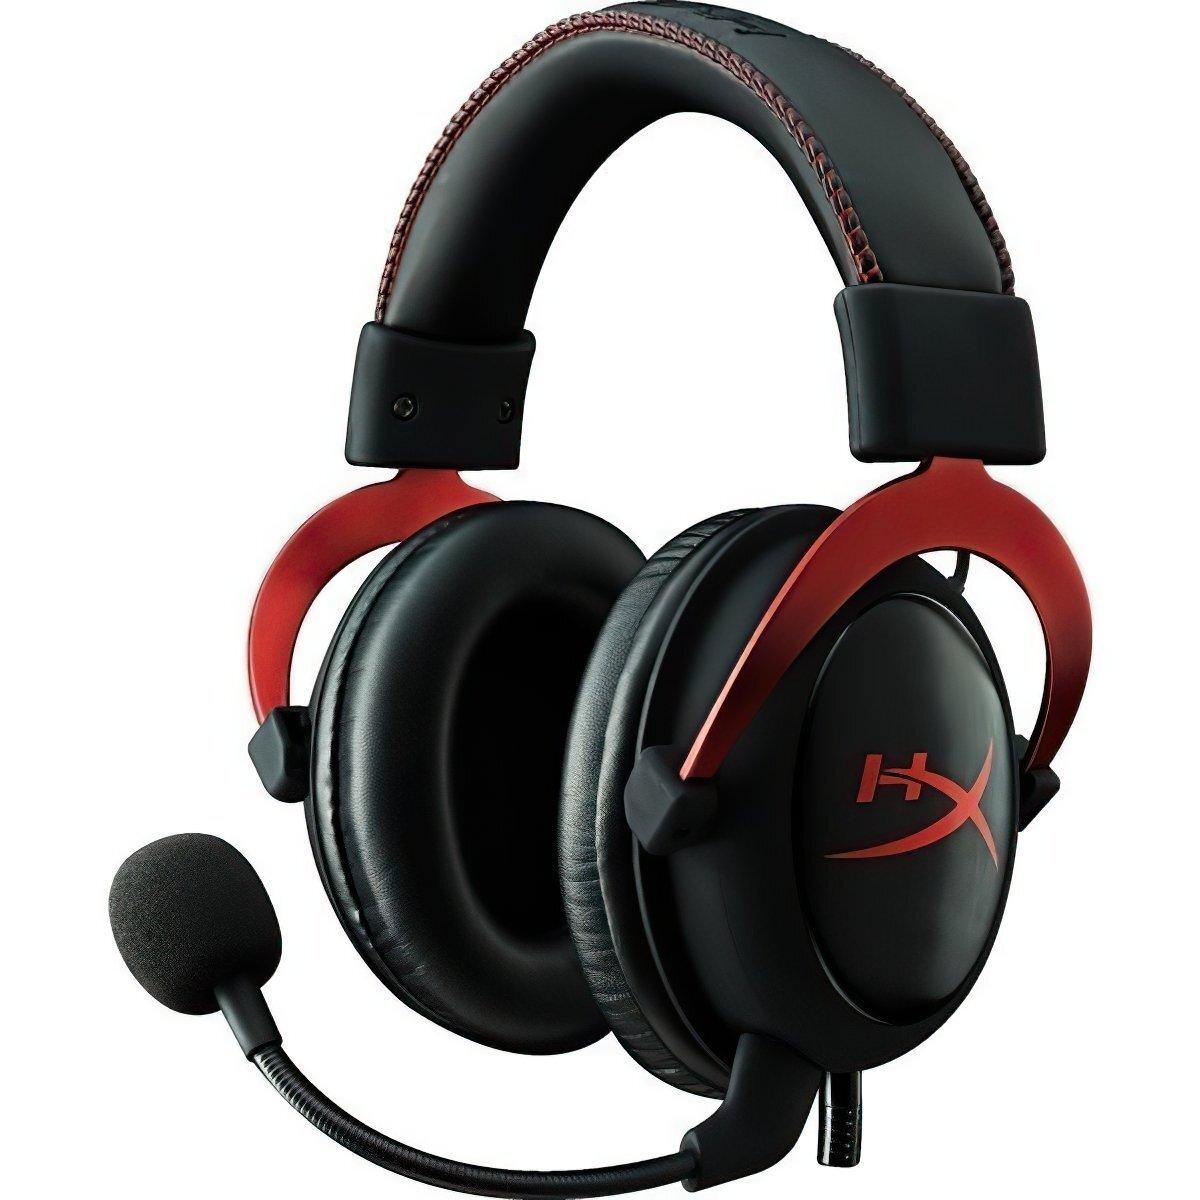 Игровая гарнитура HyperX Cloud II Red (KHX-HSCP-RD) фото 1